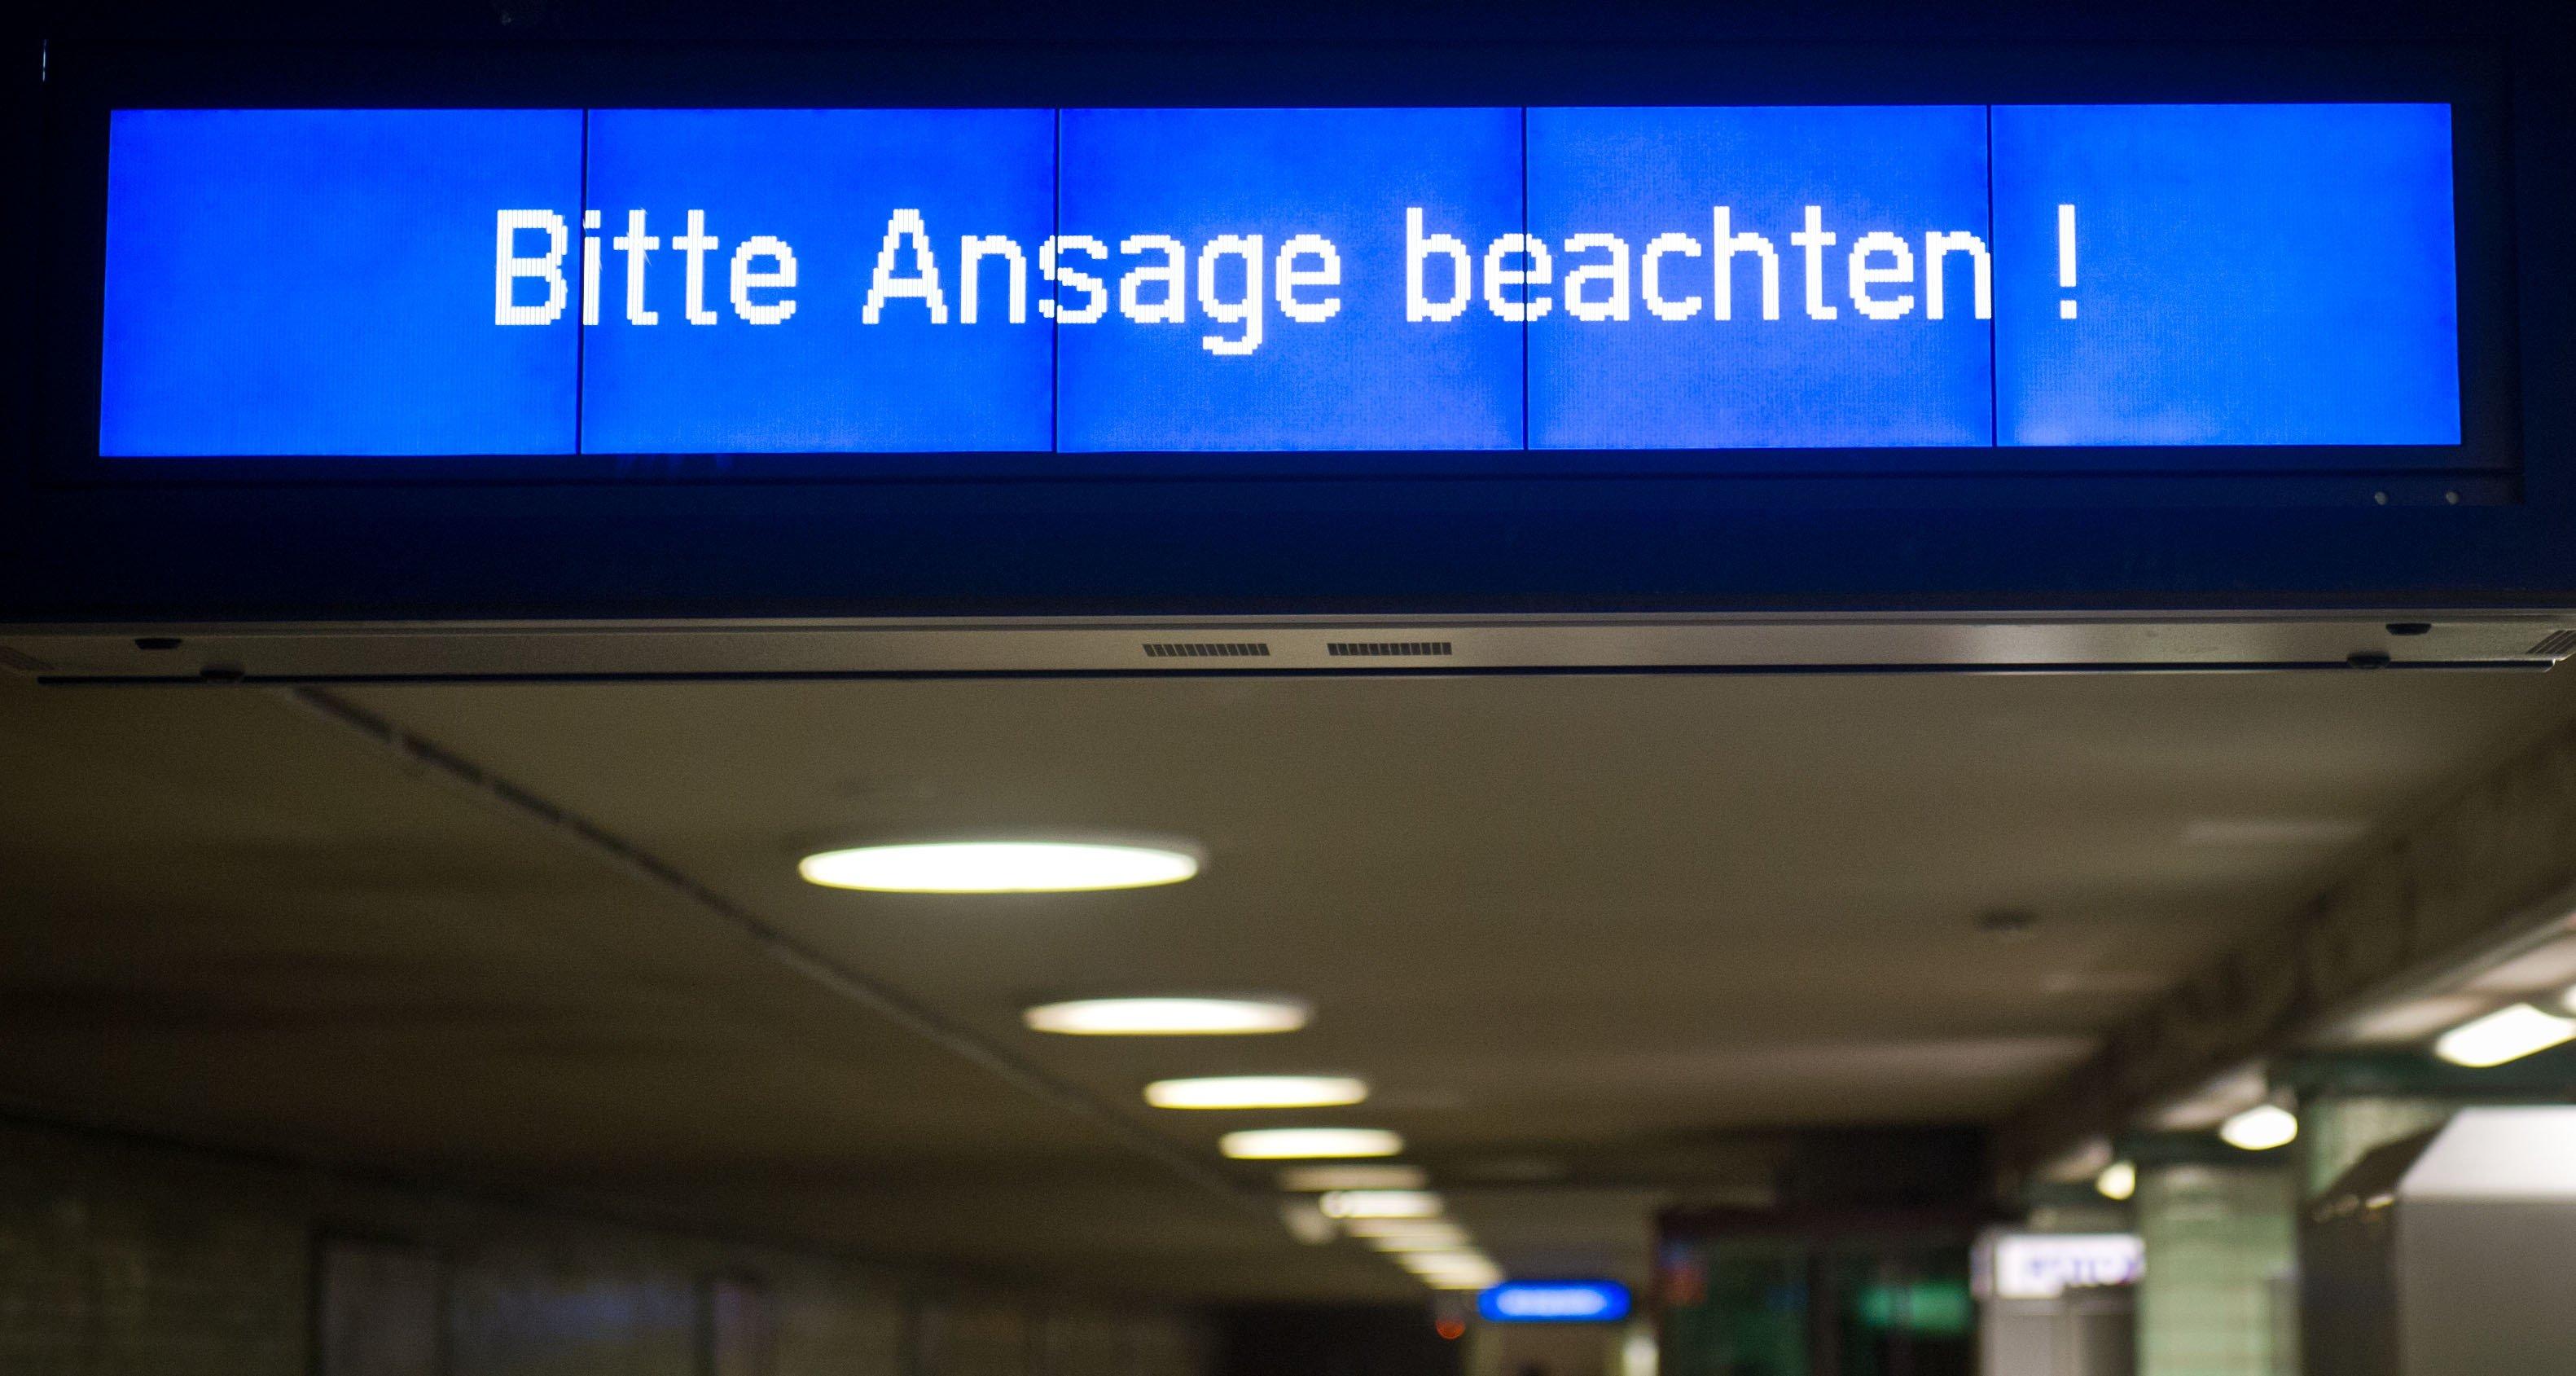 Bei Verknüpfung von verschiedenen Informationskanälen könnten die Menschen künftig automatisch durch Textnachrichten auf Displays in der S-Bahn oder zentral gesteuerten Lautsprecherdurchsagen auf Bahnsteigen vor Gefahren gewarnt werden.